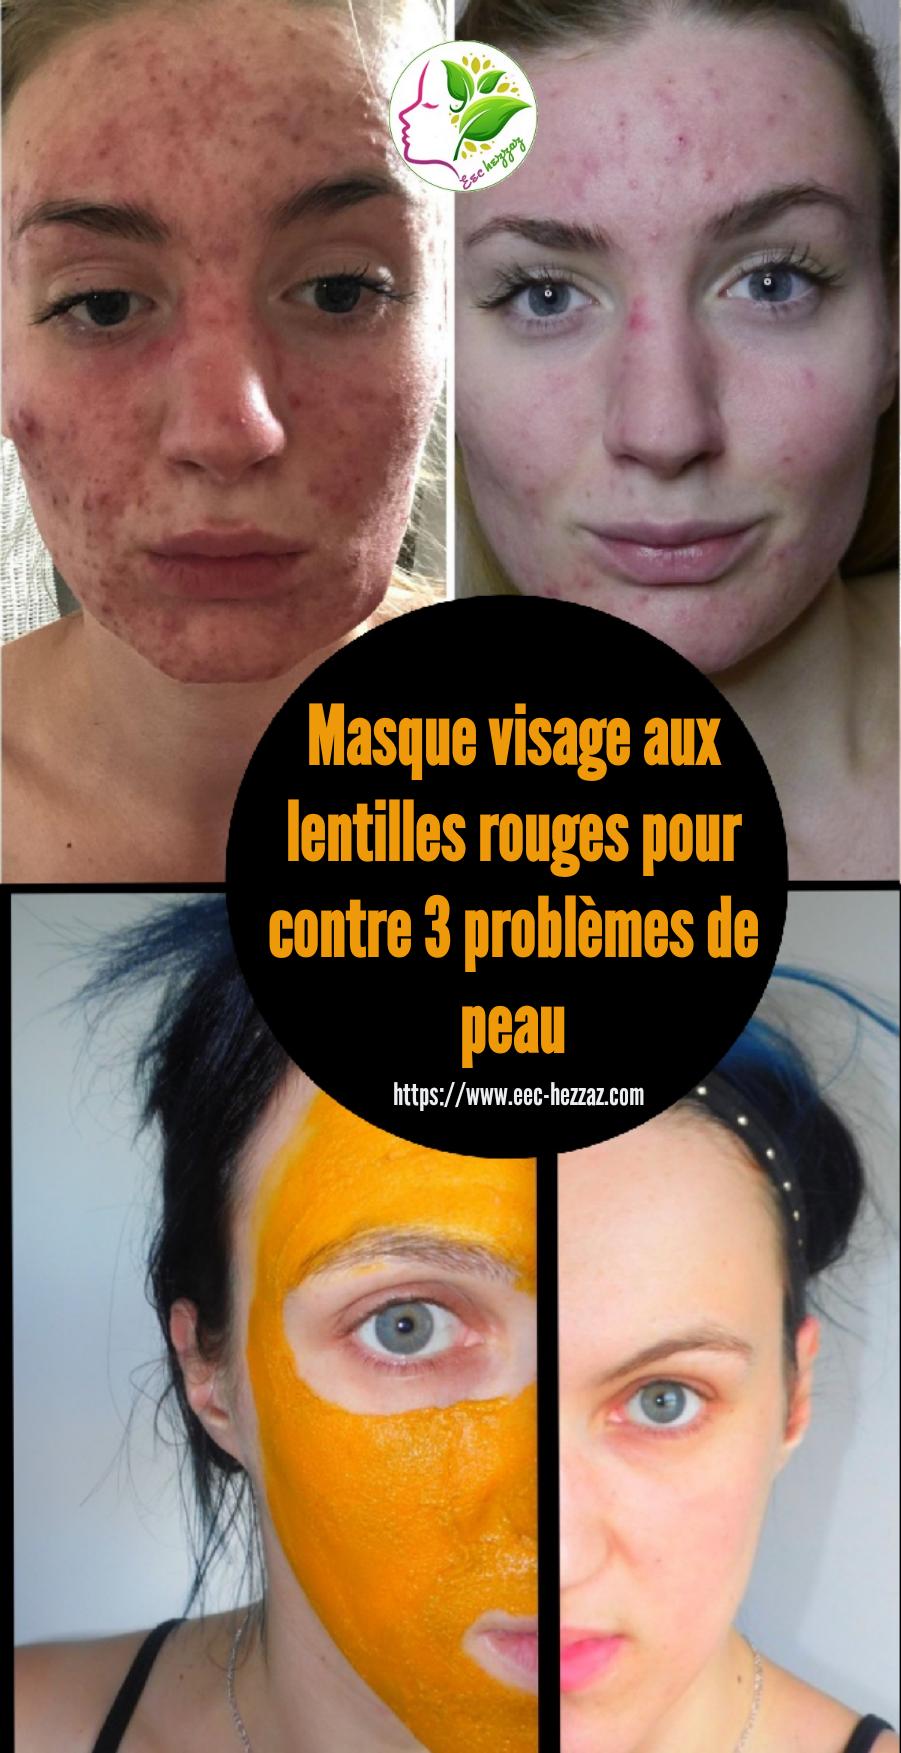 Masque visage aux lentilles rouges pour contre 3 problèmes de peau